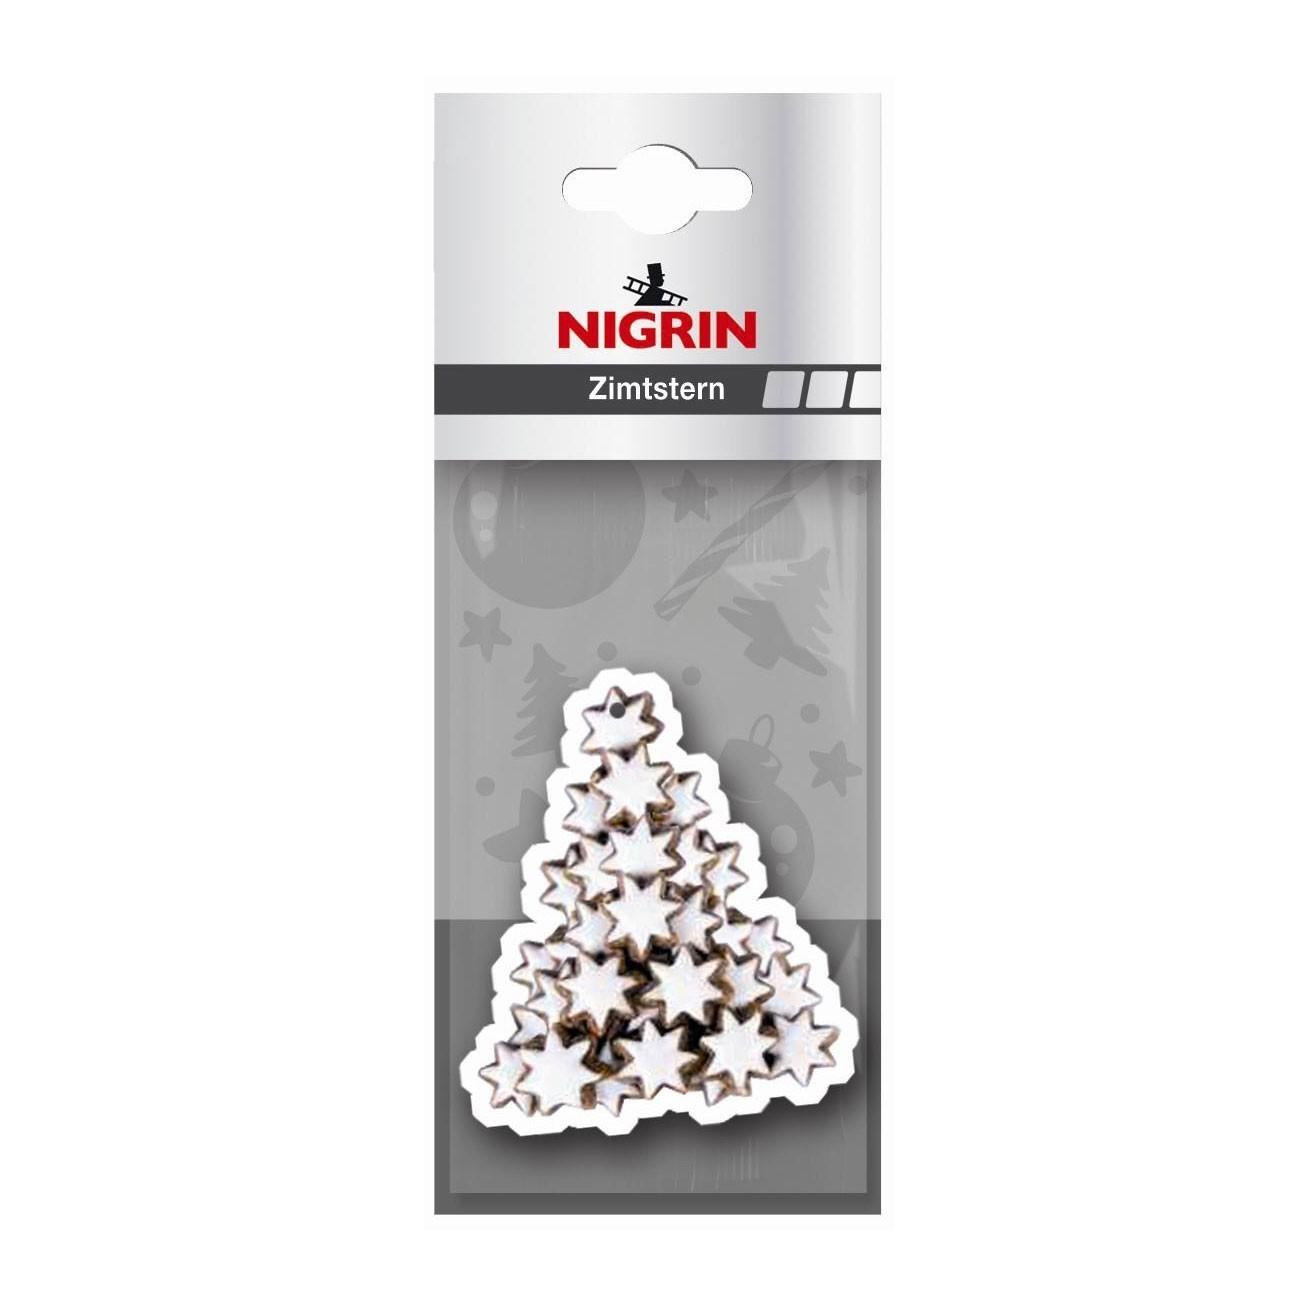 Nigrin Lufterfrischer / Duftbaum Winterduft Zimtstern 1 Stück Bild 1